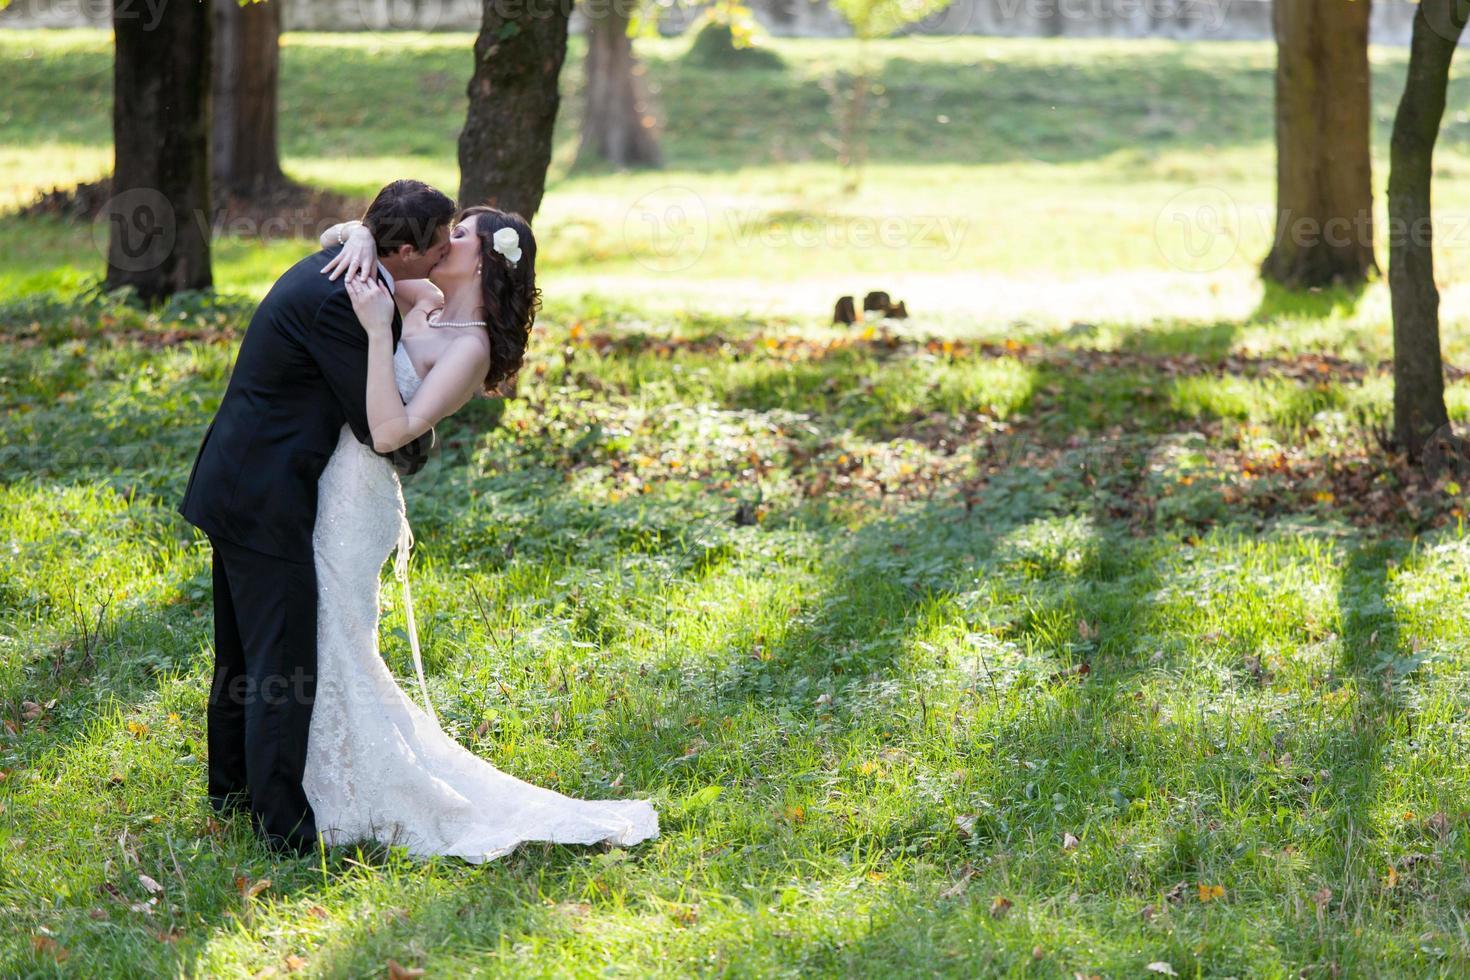 elegante novia y el novio posando juntos al aire libre foto